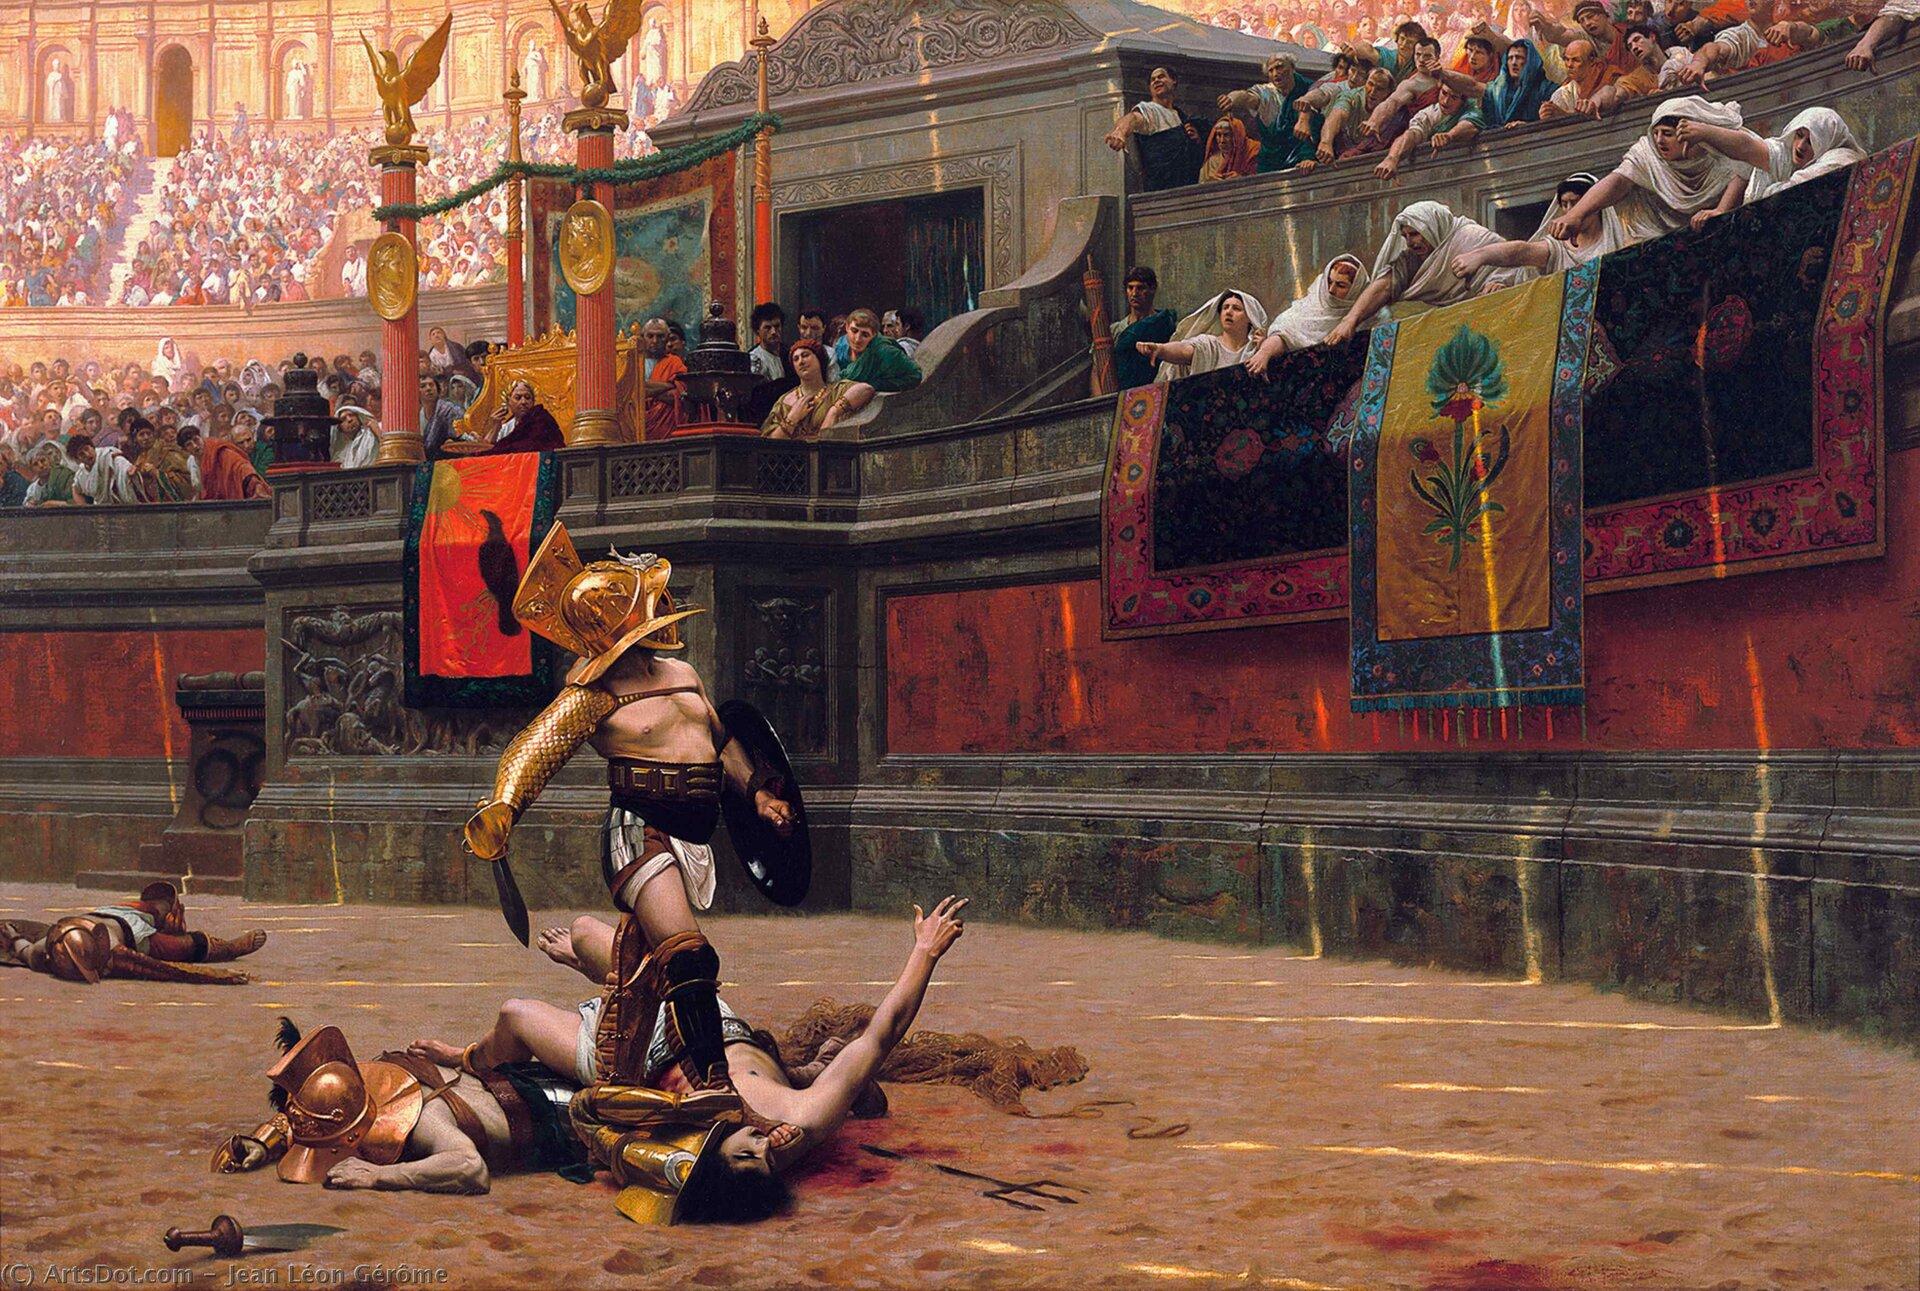 Ilustracja przedstawia rzymskich gladiatorów wtrakcie finału walki na arenie Colosseum. Na obrazie znajduje się zwycięzca, który czeka na decyzję widzów odnośnie tego co ma zrobić zżyjącym jeszcze pokonanym. Na arenie leżą martwi pozostali przegrani. Tłum oglądający walkę pokazuje kciuki skierowane do dołu oznaczające decyzję ozabiciu pokonanego. Na trybunie honorowej siedzi cesarz ze świtą.